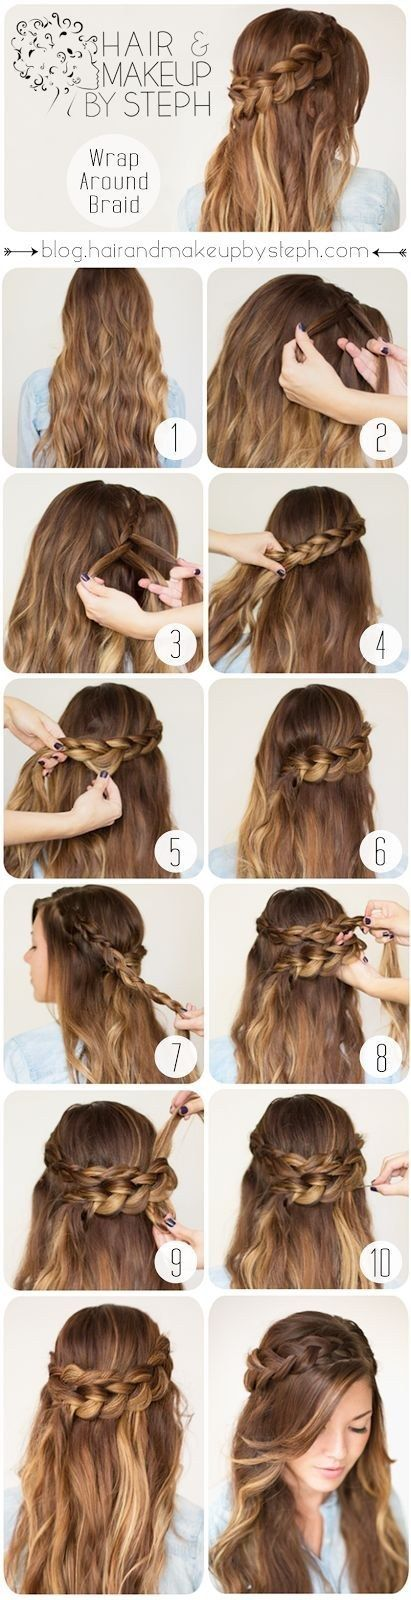 14 Tutoriales de trenzas que querrás probar  – Peinados